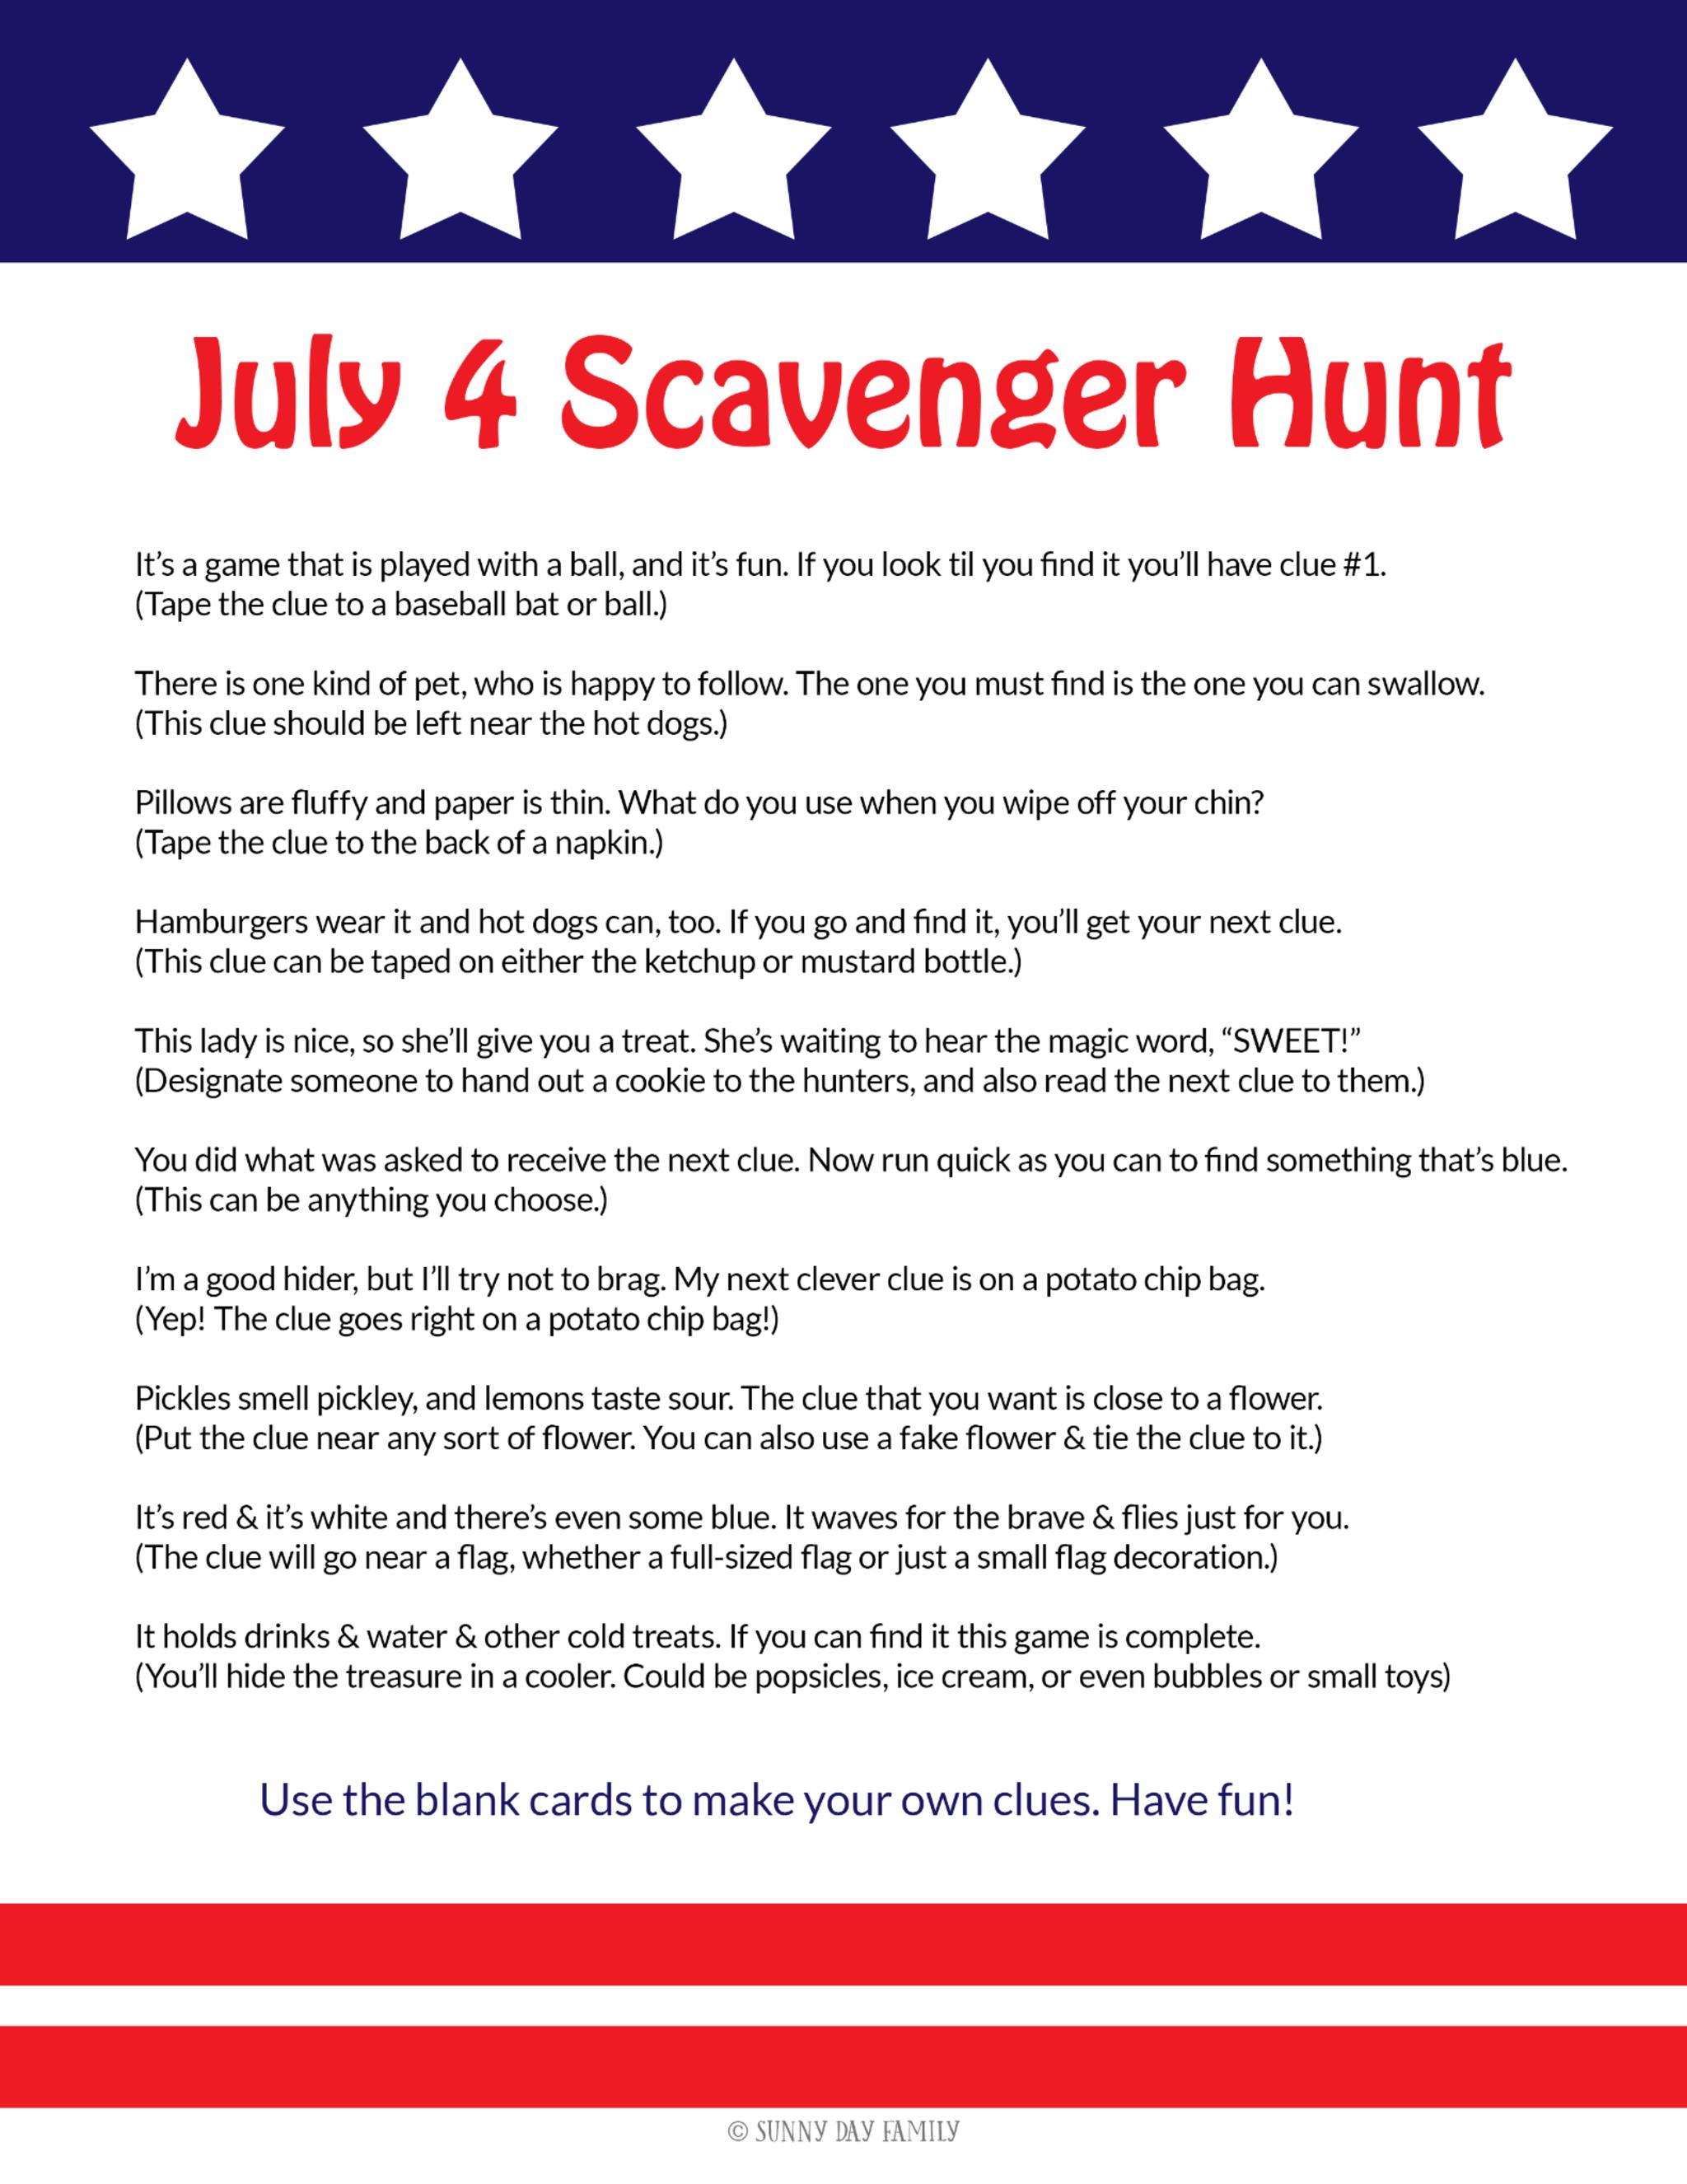 July 4 Scavenger Hunt